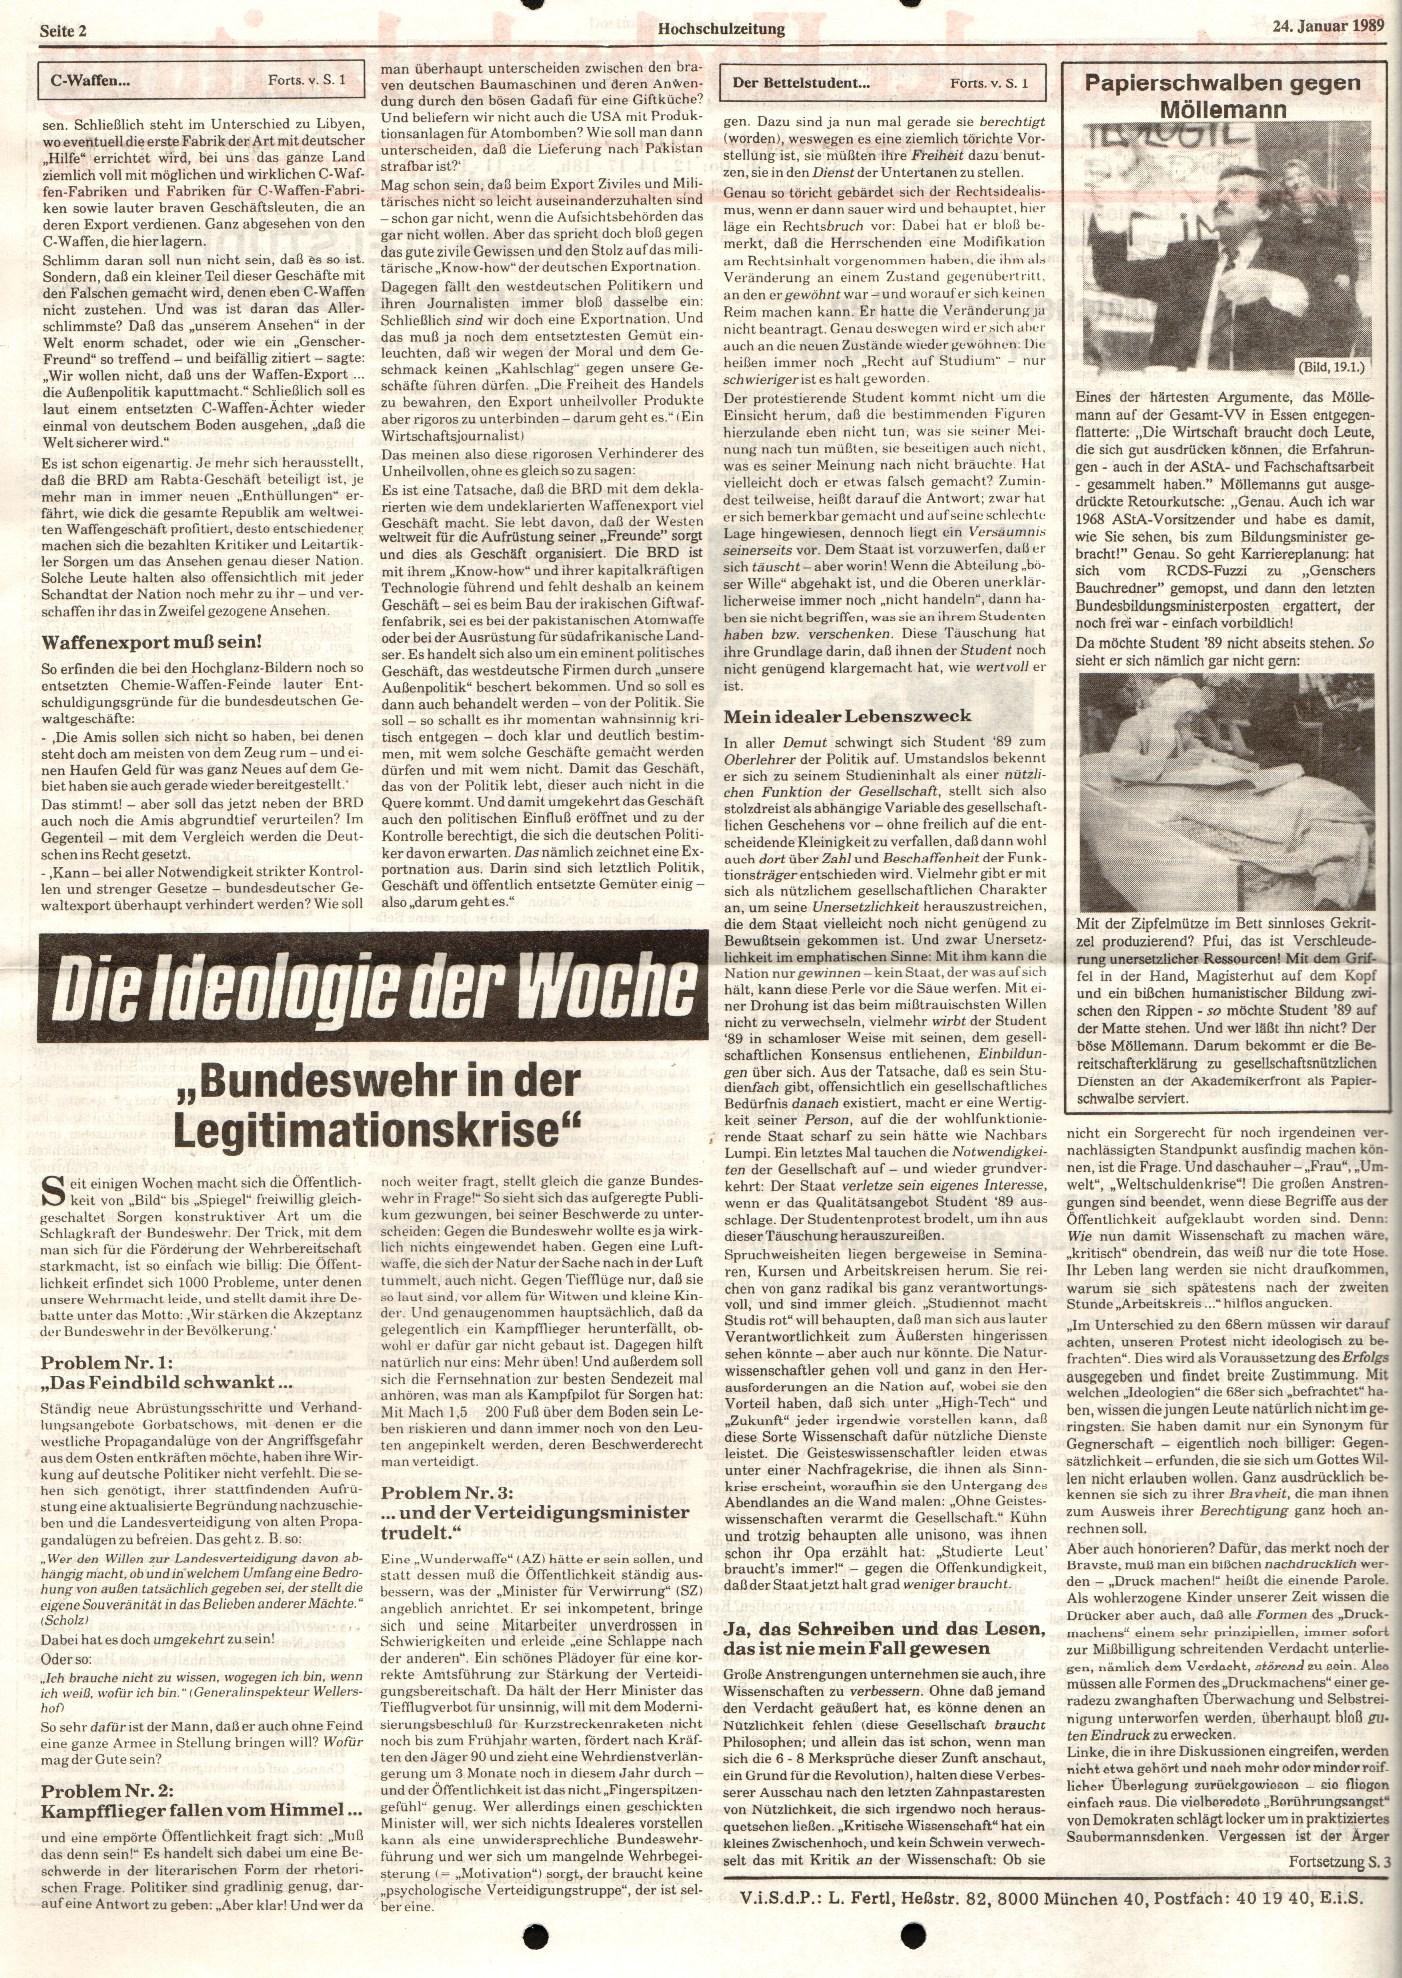 MG_Dortmunder_Hochschulzeitung_19890124_02